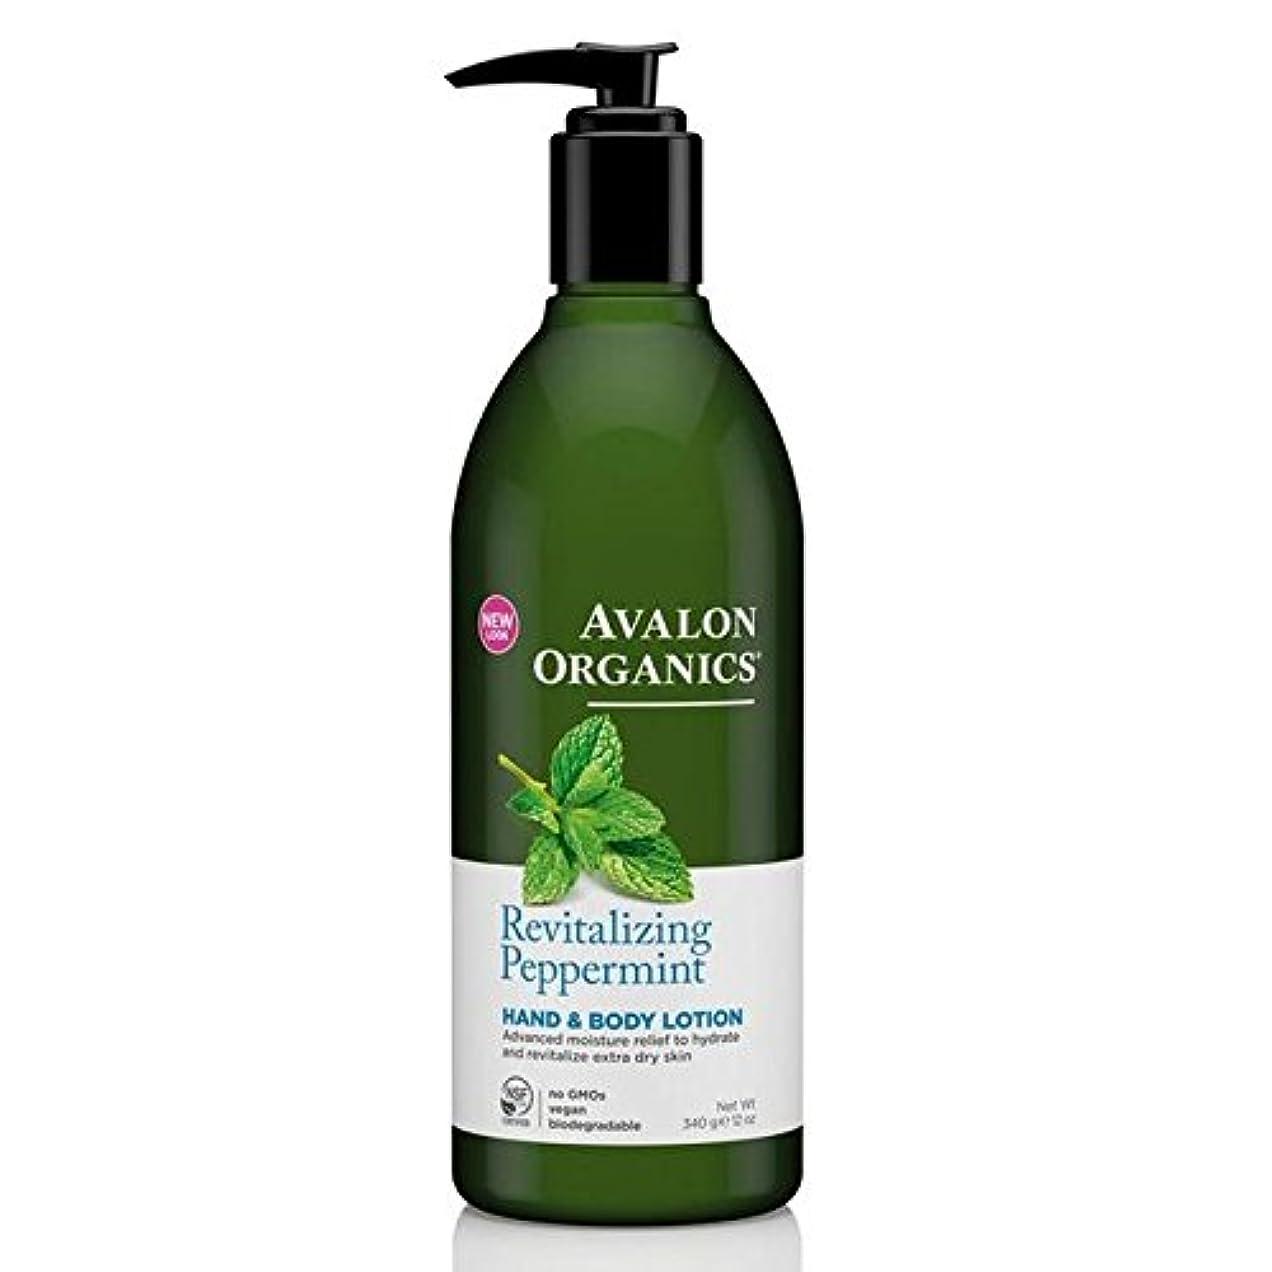 リルモノグラフ幻影Avalon Peppermint Hand & Body Lotion 340g (Pack of 4) - (Avalon) ペパーミントハンド&ボディローション340グラム (x4) [並行輸入品]